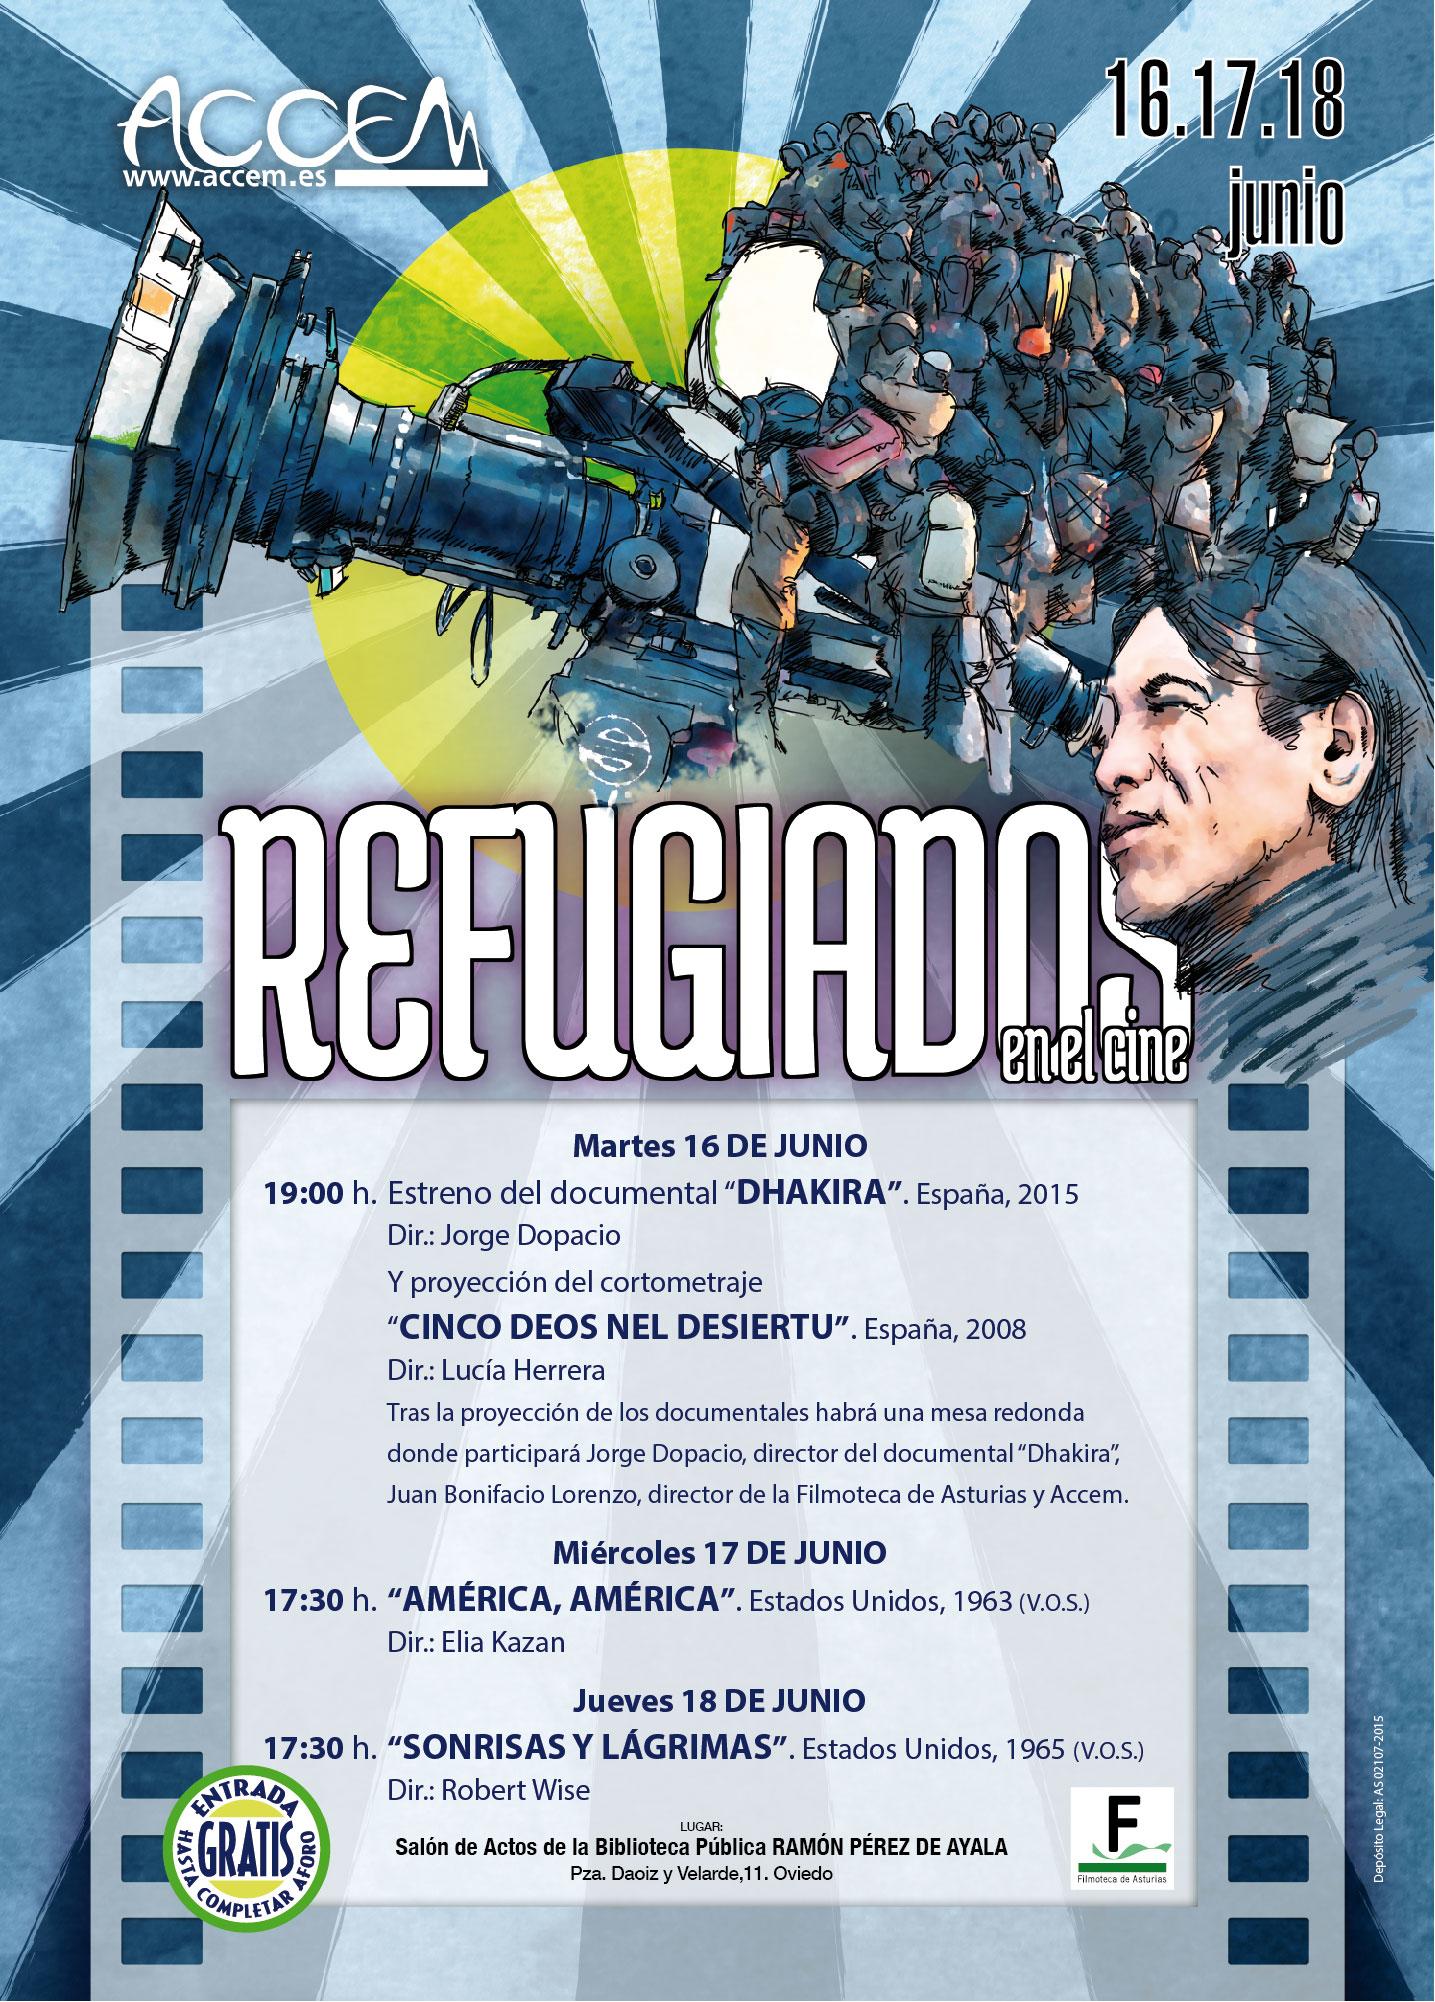 El Ciclo Refugiados en el Cine de Accem, por quinta vez en Asturias (Oviedo, 16 al 18 de junio)